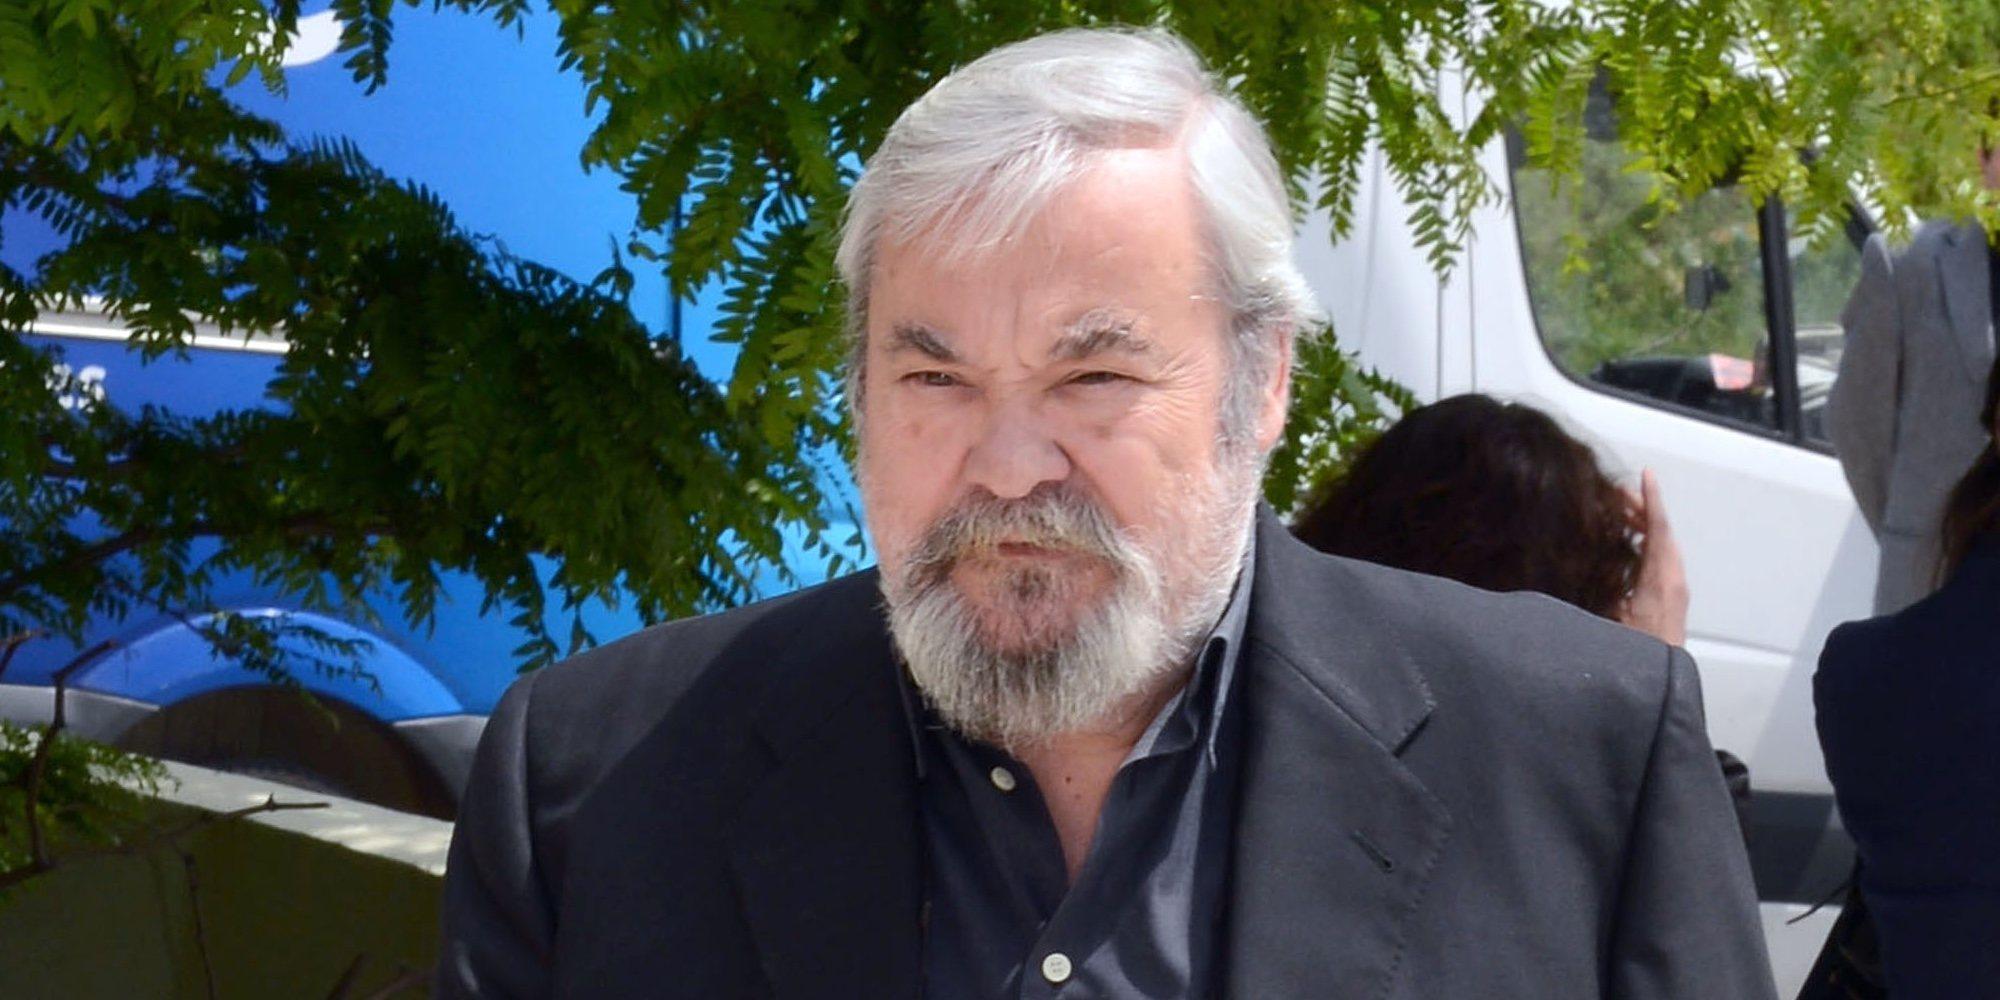 Muere Carles Canut a los 74 años tras una larga enfermedad